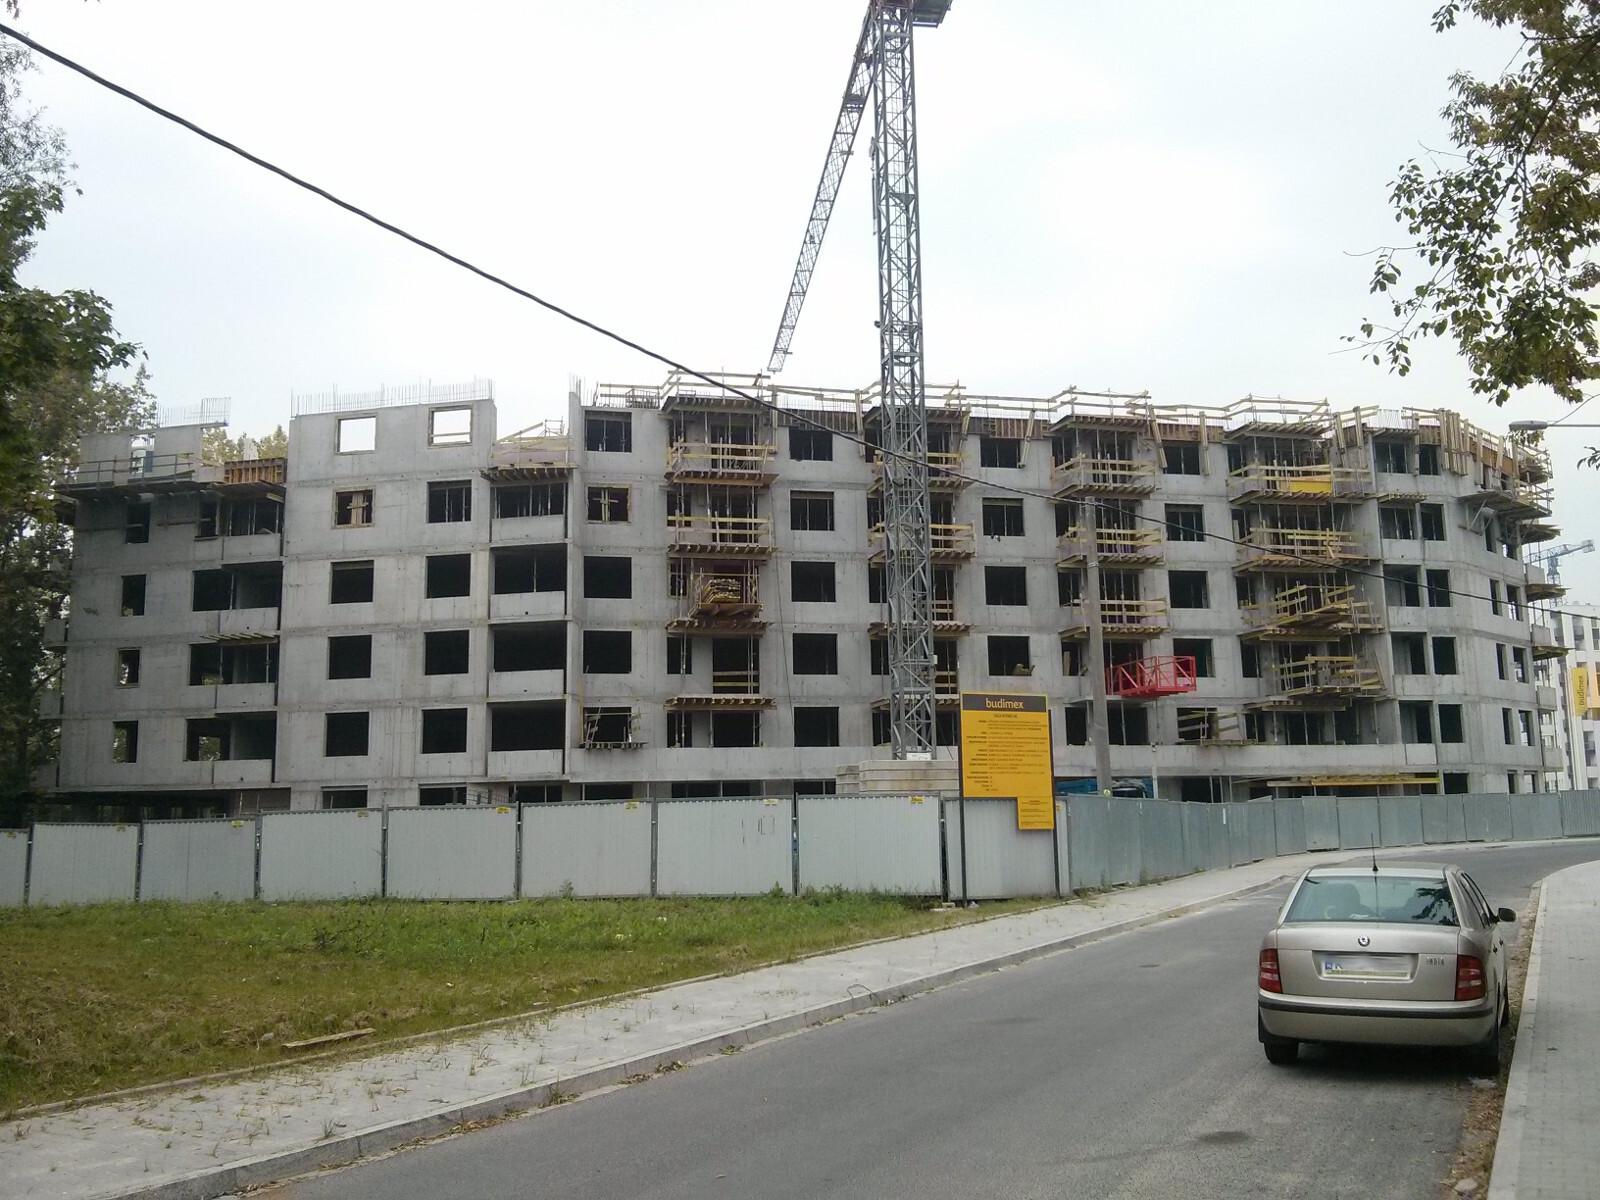 Deweloper Budimex nieruchomości buduje tanie mieszkania w Krakowie - Orlińskiego 12